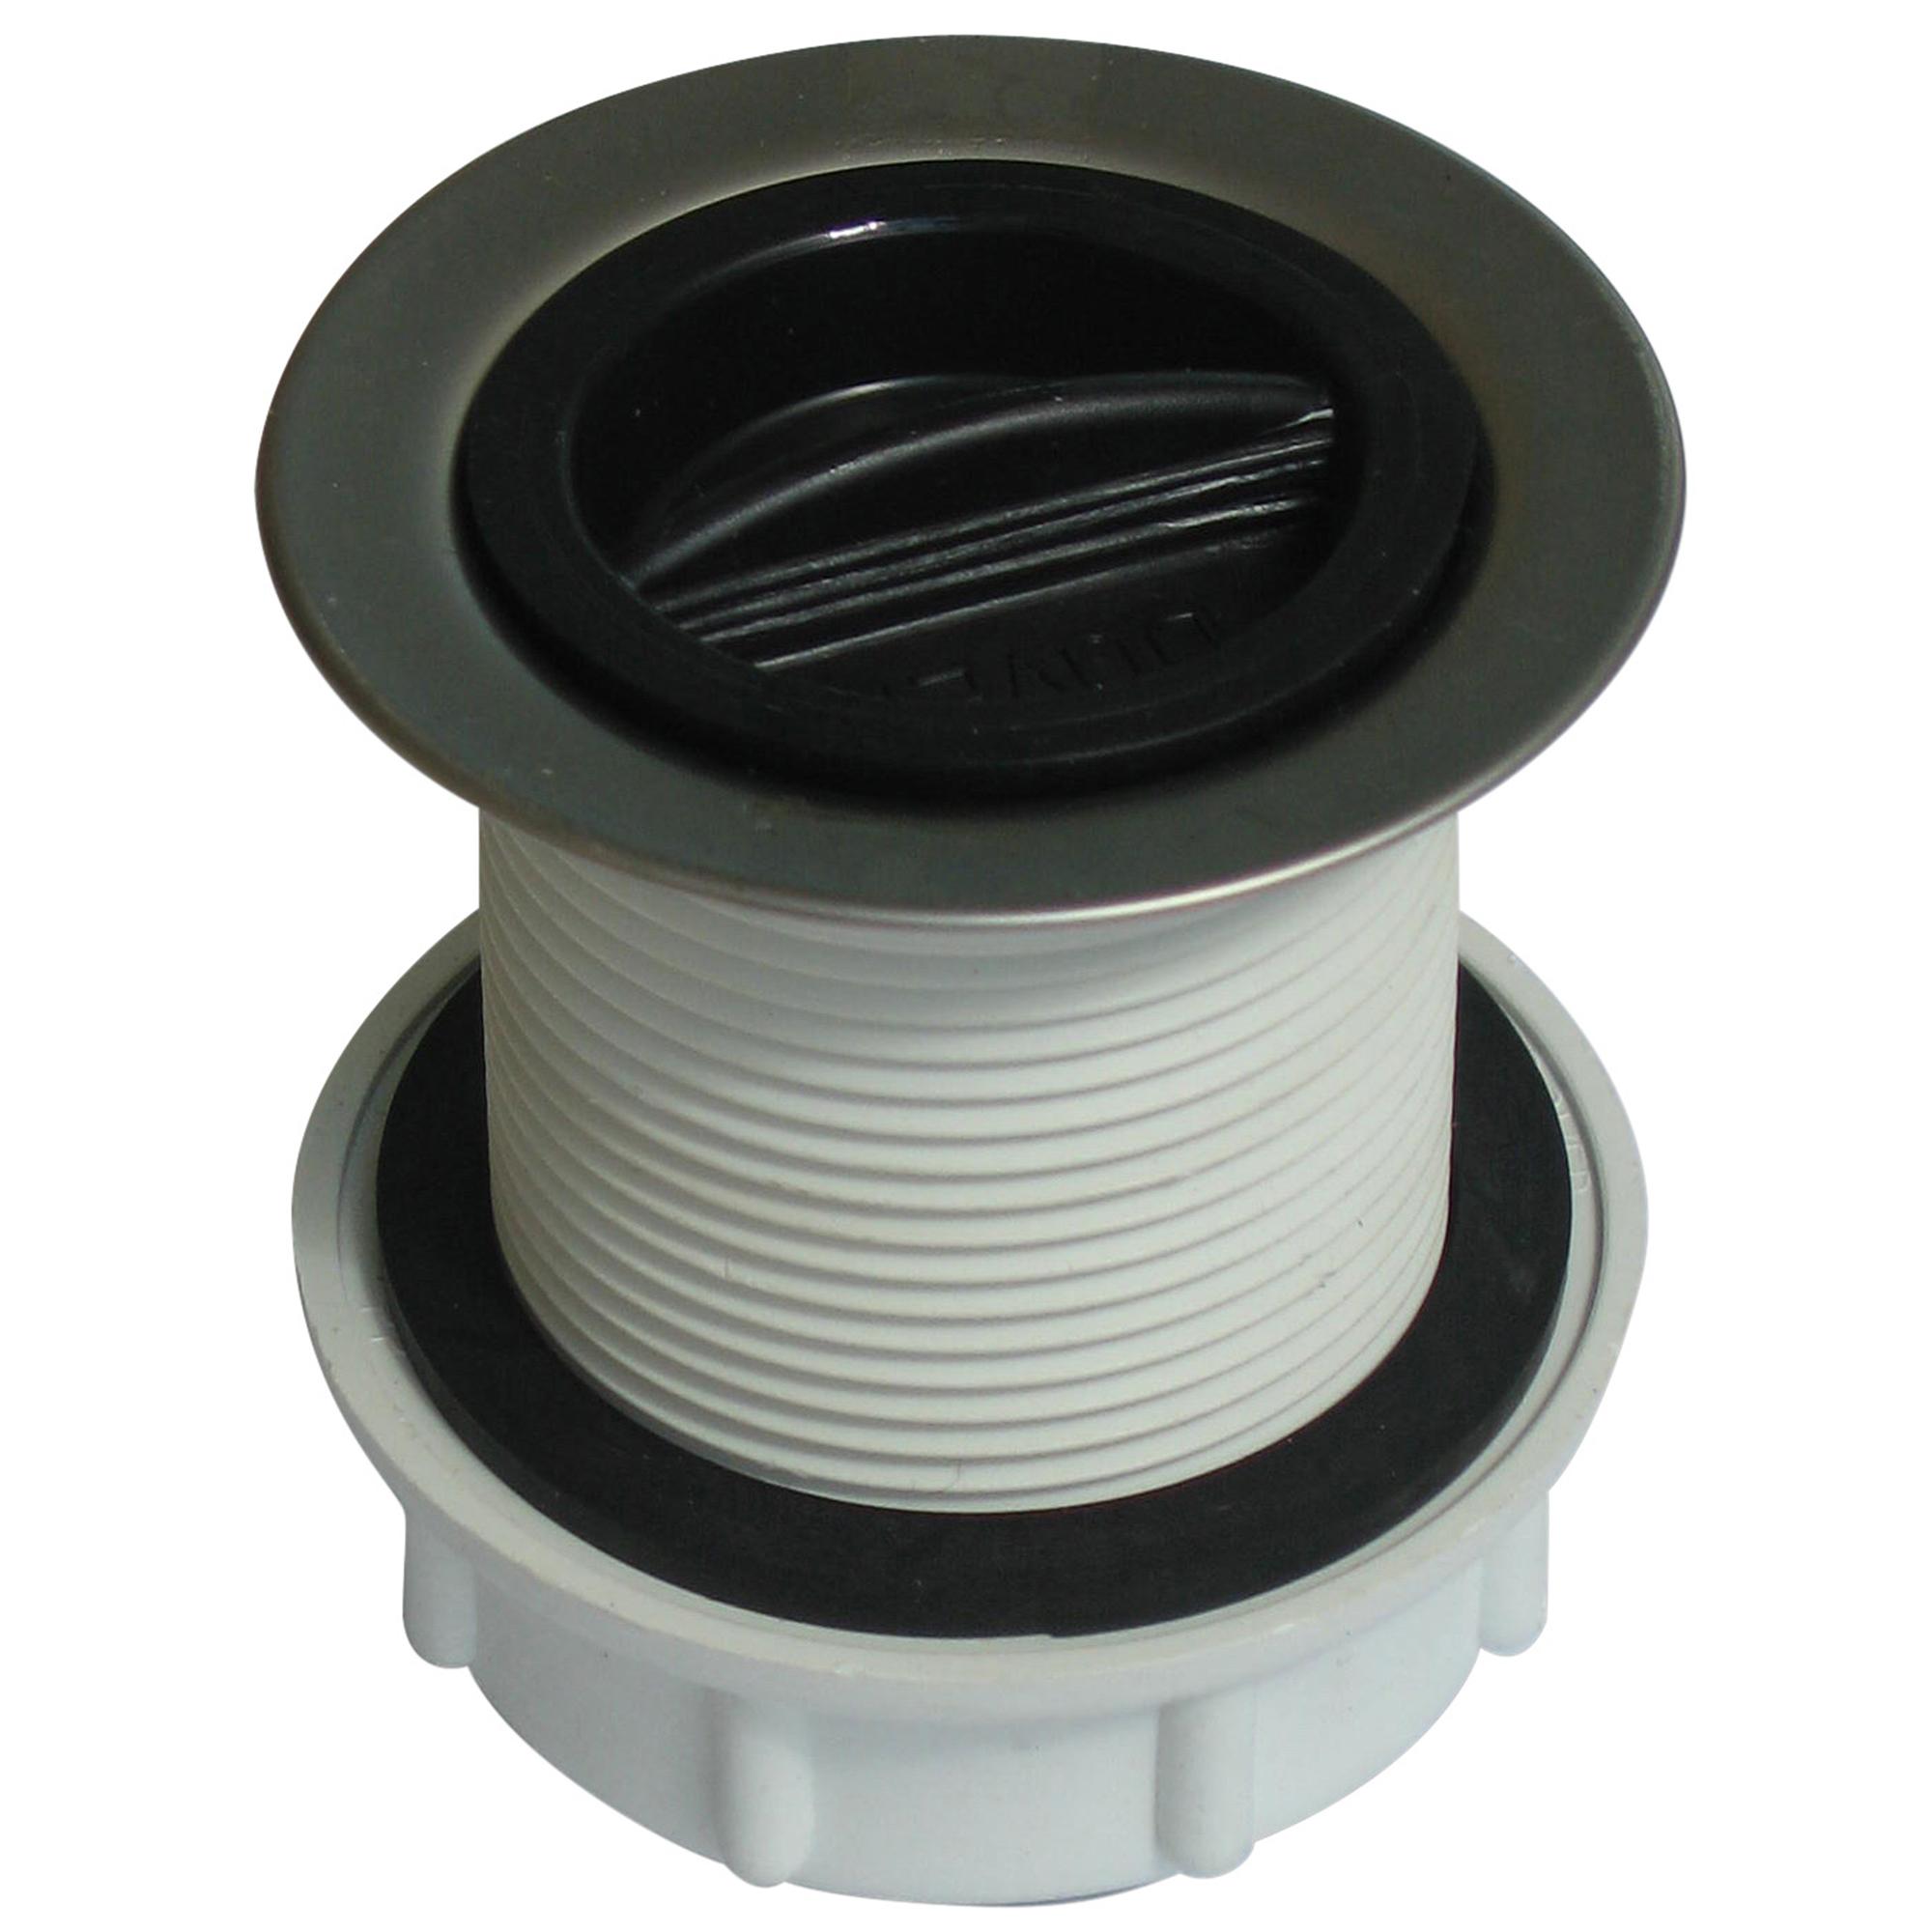 Plug Amp Waste Complete 40mm Boston